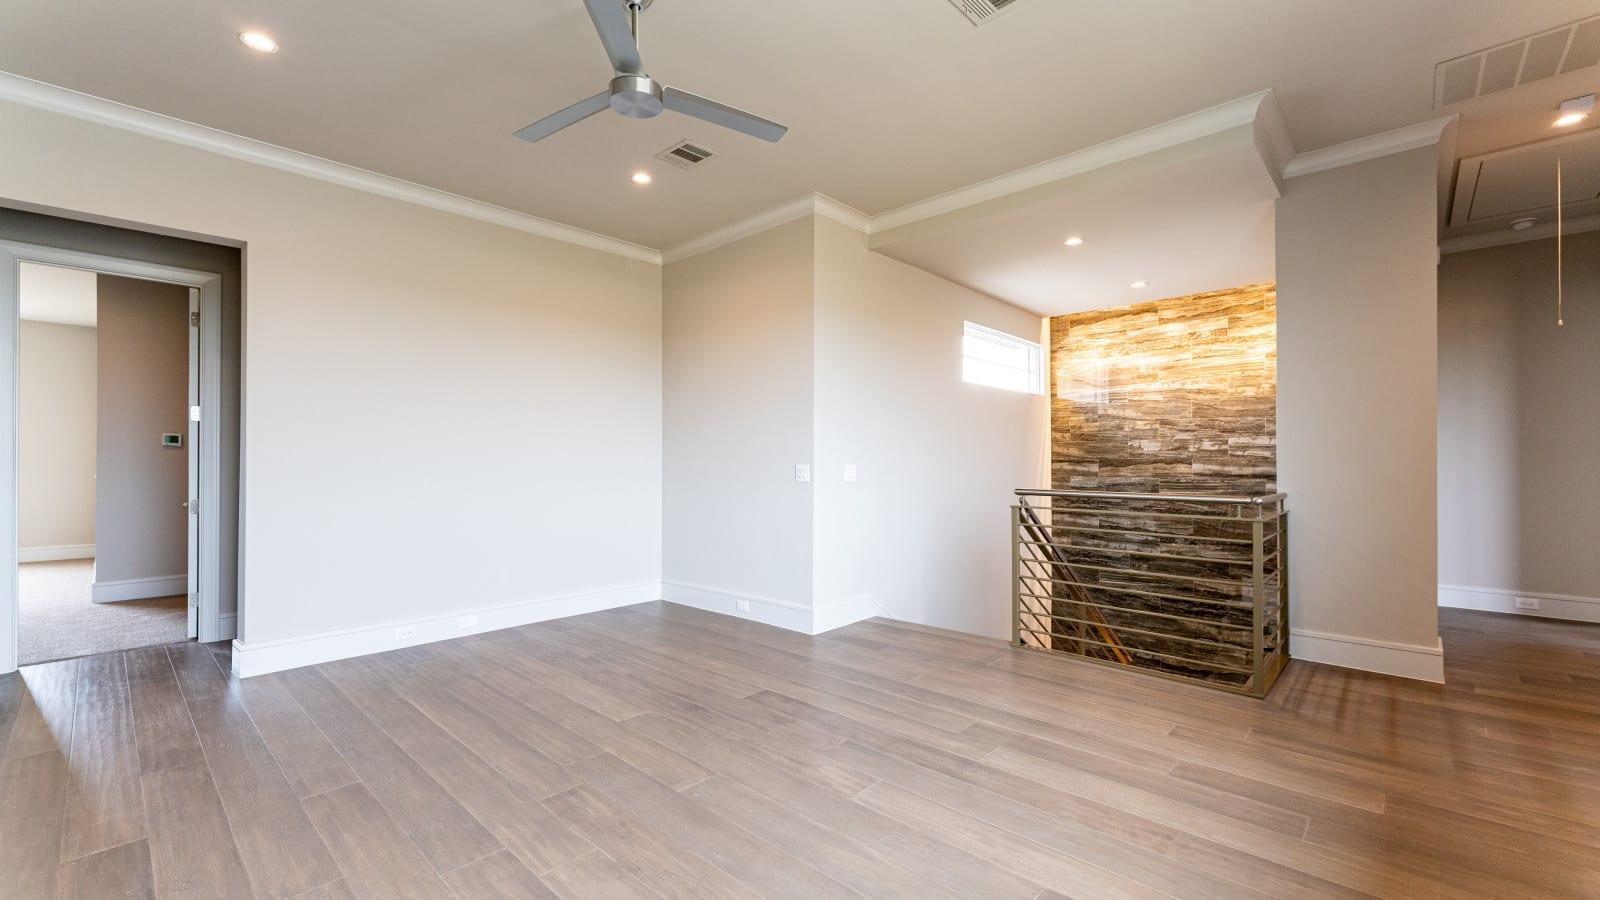 modern home design 30 - Millennial Design + Build